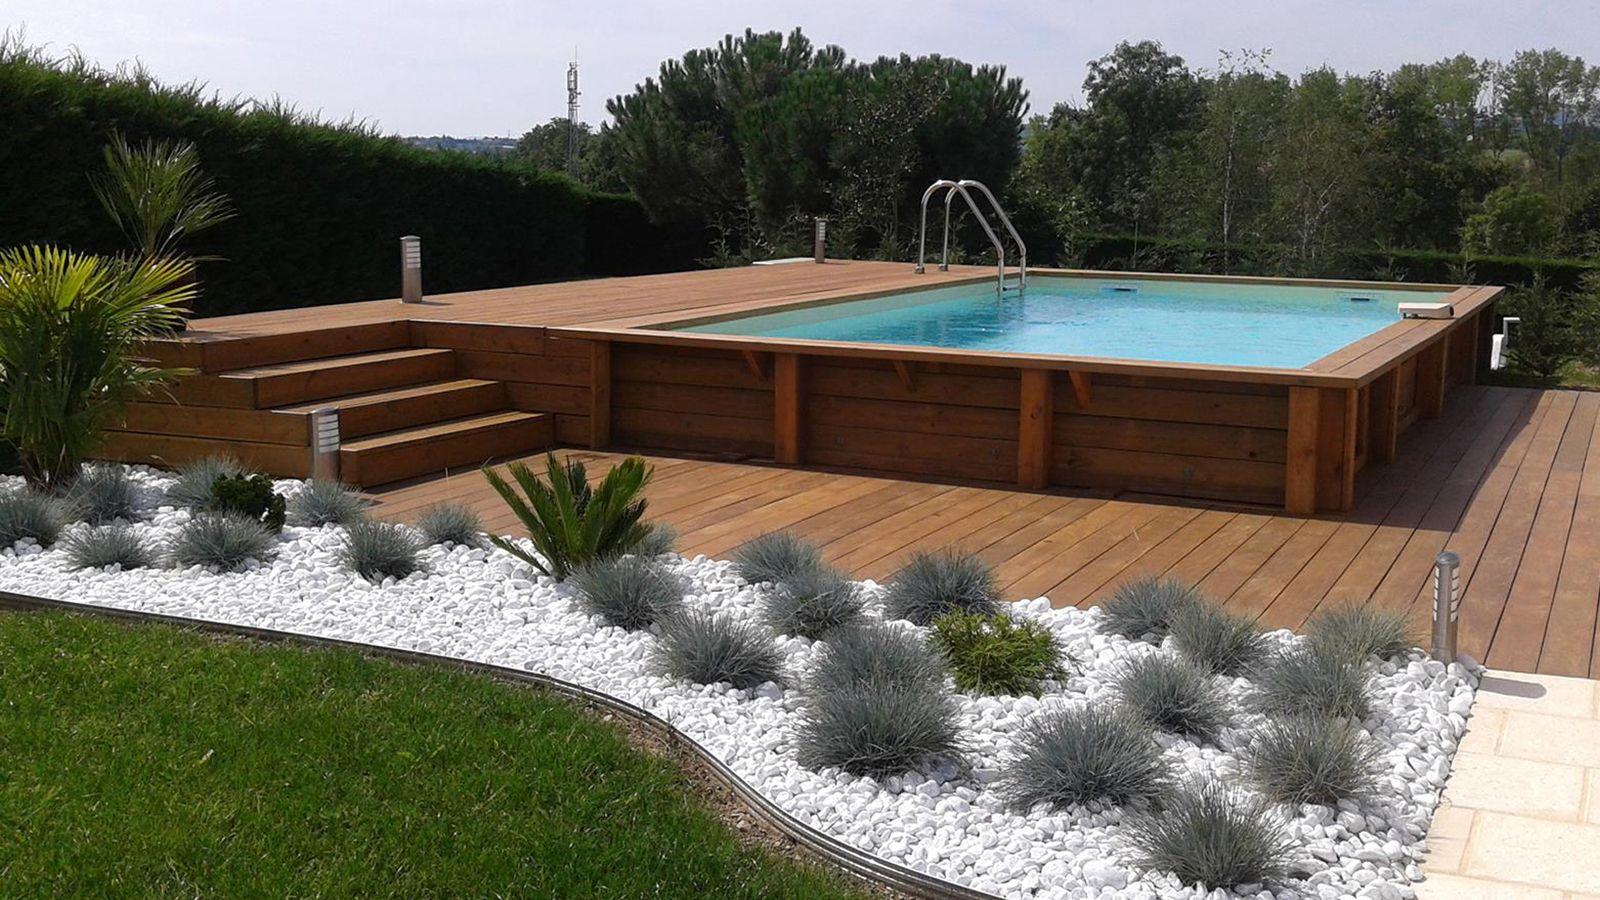 piscine hors sol recherche google pools. Black Bedroom Furniture Sets. Home Design Ideas